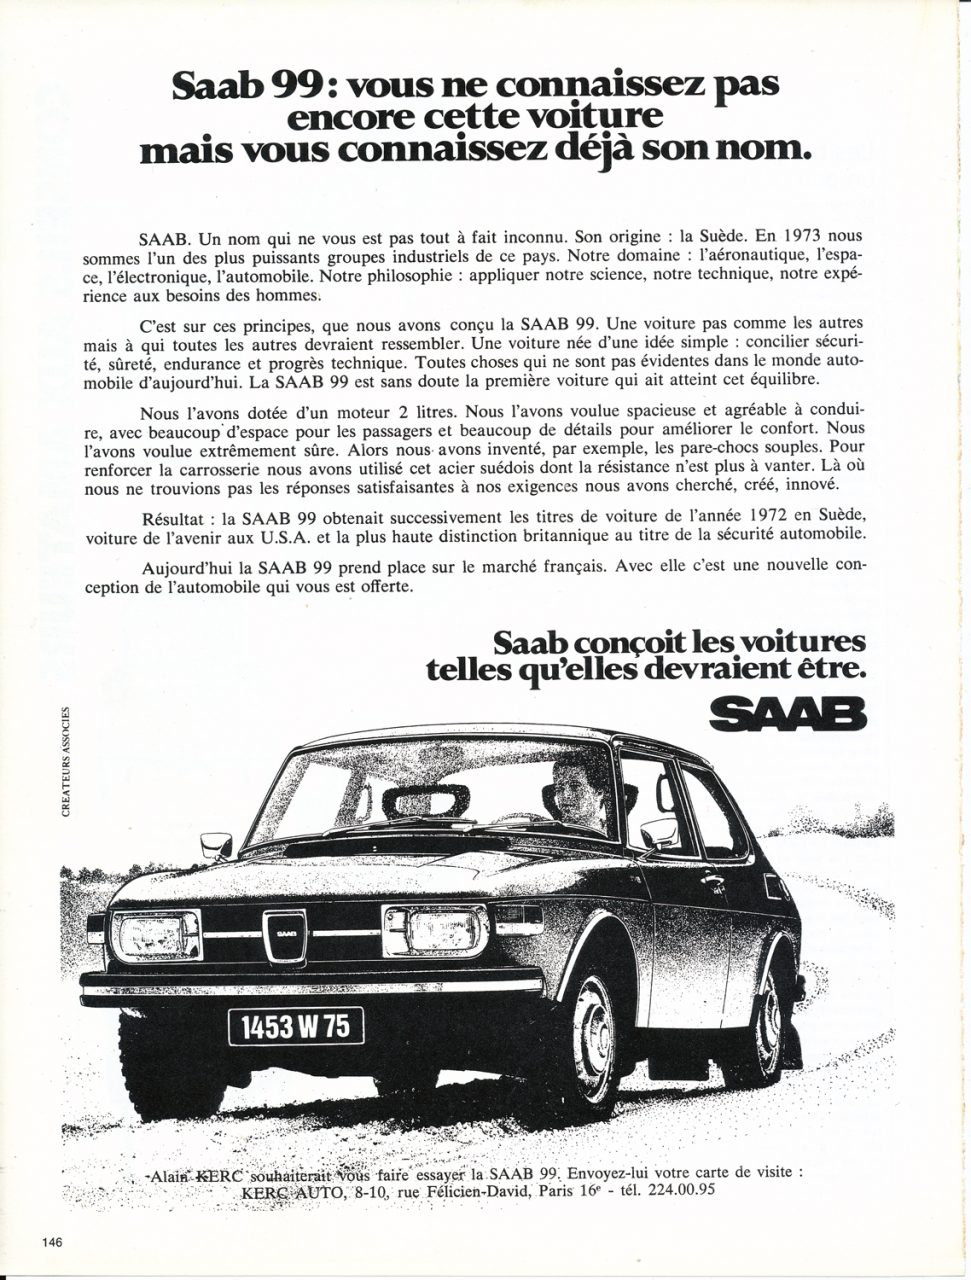 Saab 99, Advertisement, Connaissance des arts